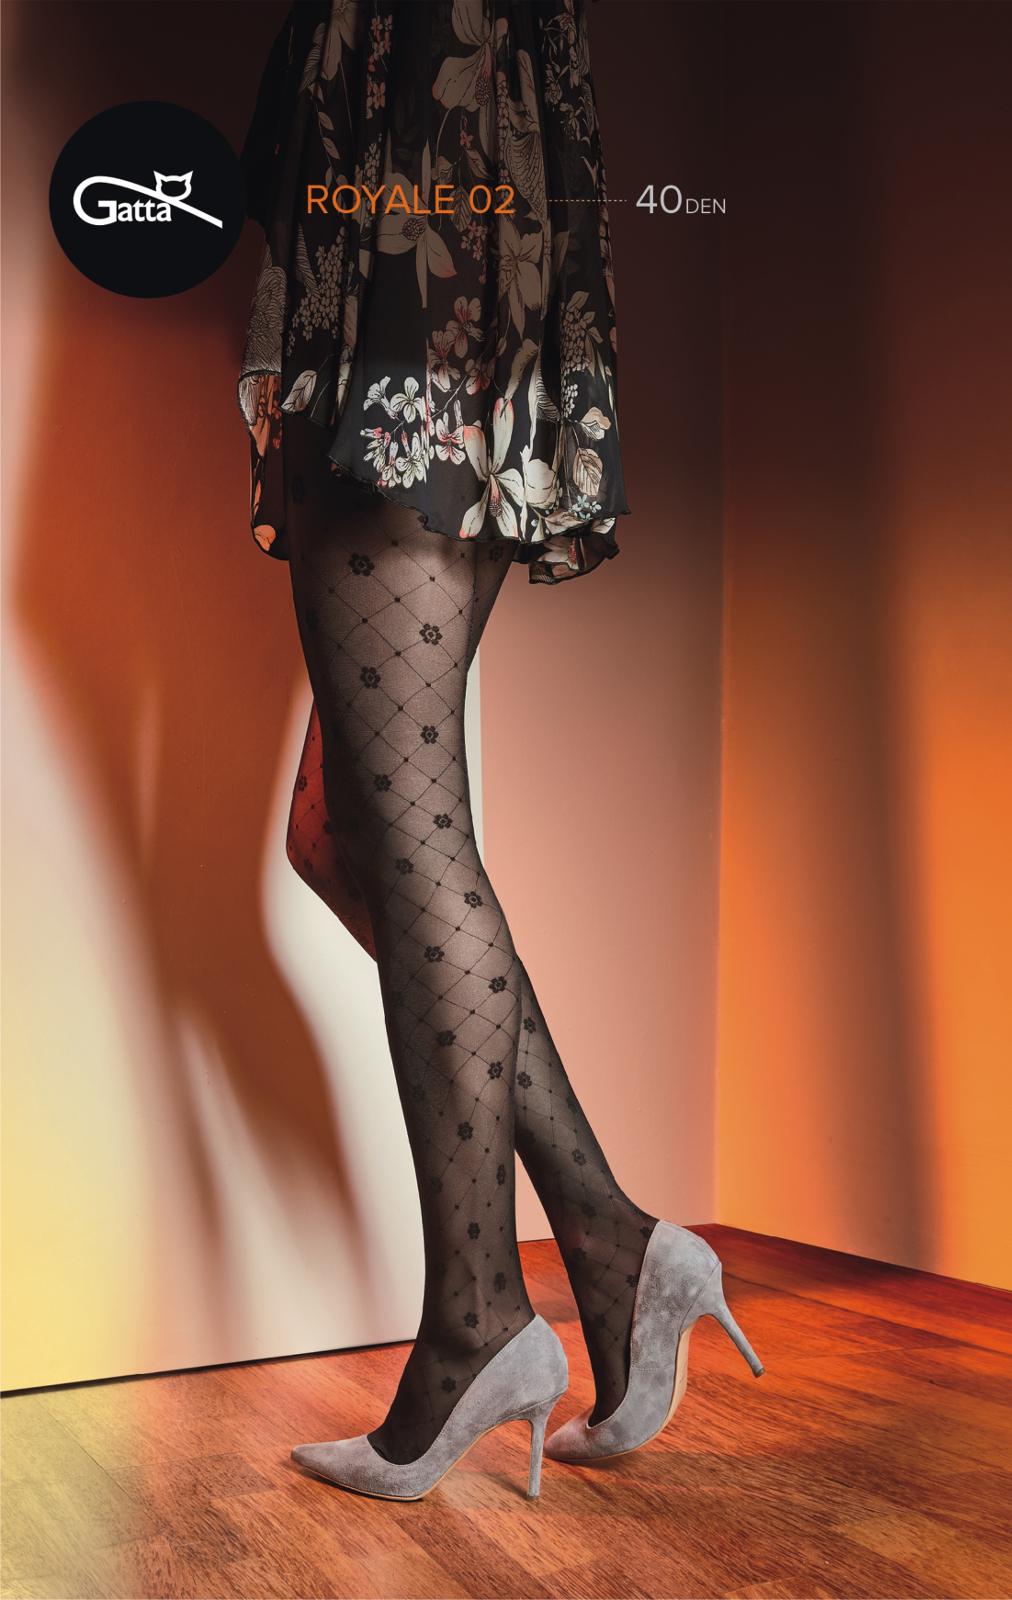 Dámské punčochové kalhoty Gatta Royale vz.02 40 den empty 4ee6935786